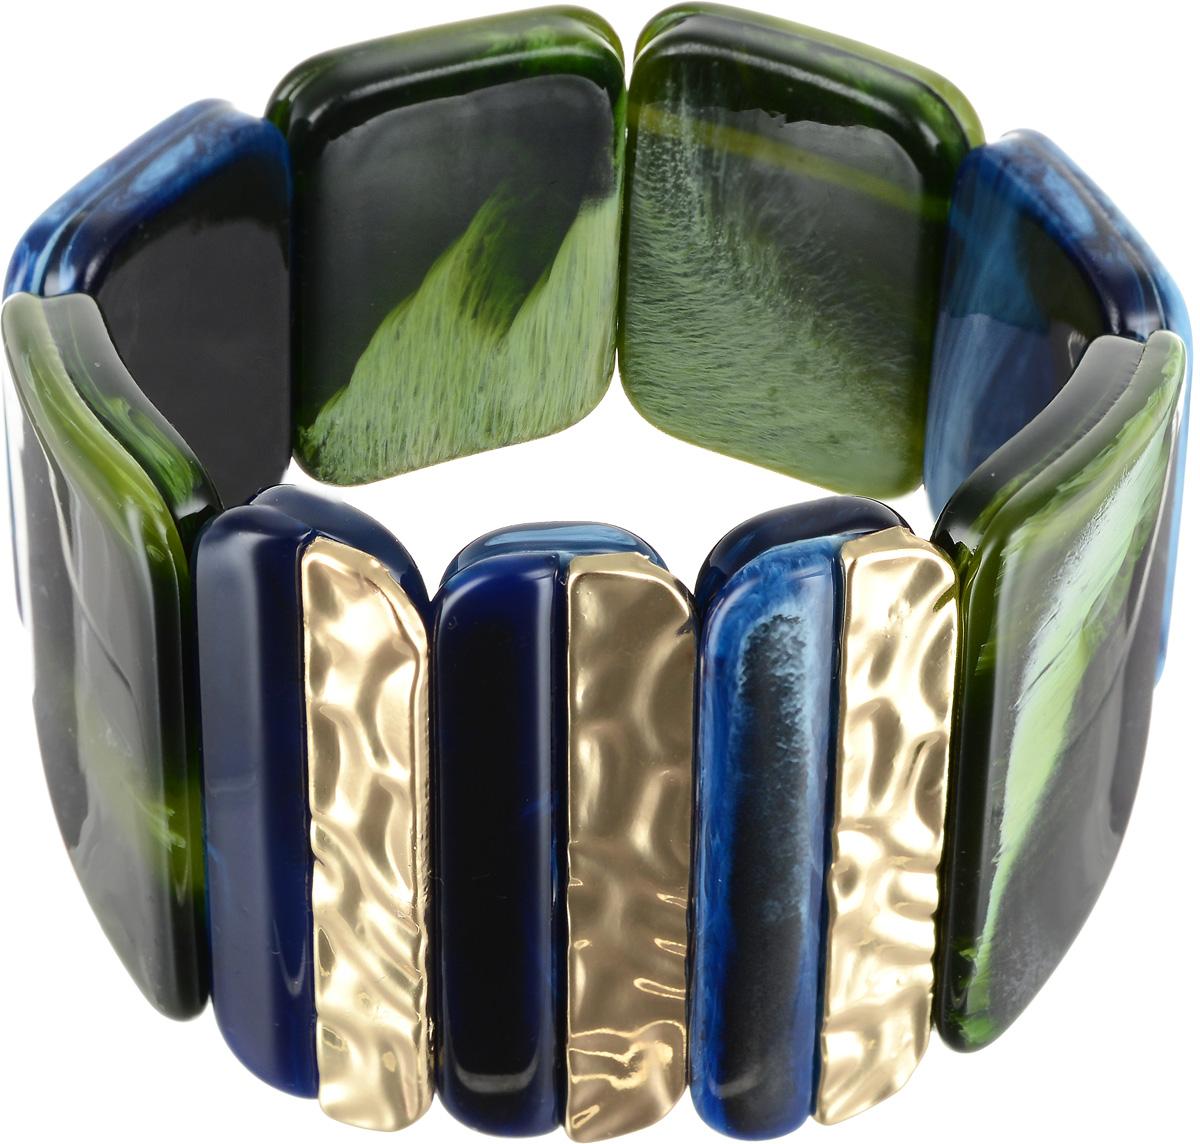 Браслет Selena Accenta, цвет: зеленый, золотистый, синий. 40060600Браслет с подвескамиБраслет Selena Accenta изготовлен из ацетата и латуни с гальваническим покрытием золотом. Объемная фактура больших плоских бусин на резинке делает женское запястье нежным и хрупким. Итальянский ацетат - это дорогой высококачественный полимер, широко применяемый в модной индустрии. Он обладает удивительной особенностью имитировать самые разные природные рисунки и фактуры. Коллекция Accenta - это гимн современности! Модели выполнены в стиле элегантный кэжуал и глэм-рок, они органично впишутся в образ и молодых девушек, и взрослых женщин, чьи взгляды на моду свежи и открыты новому. Все украшения Accenta комплектуются между собой и создают гармоничный ансамбль. Украшения можно носить в любое время года, они уместны на празднике, на прогулке и на работе.